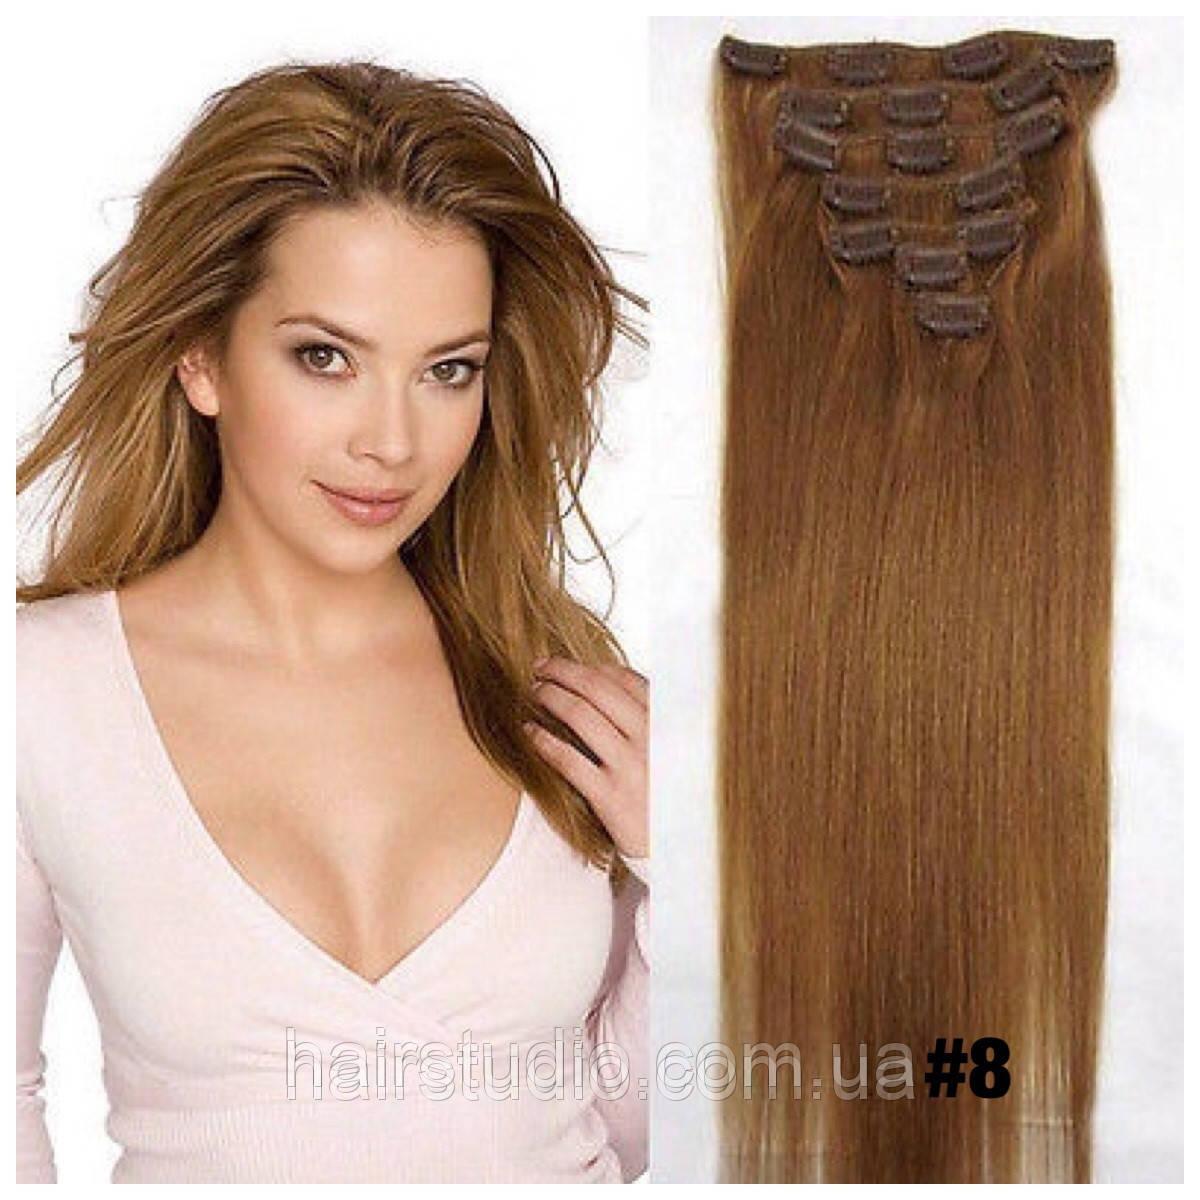 Волосы Remy на заколках для наращивания 50 см оттенок #8